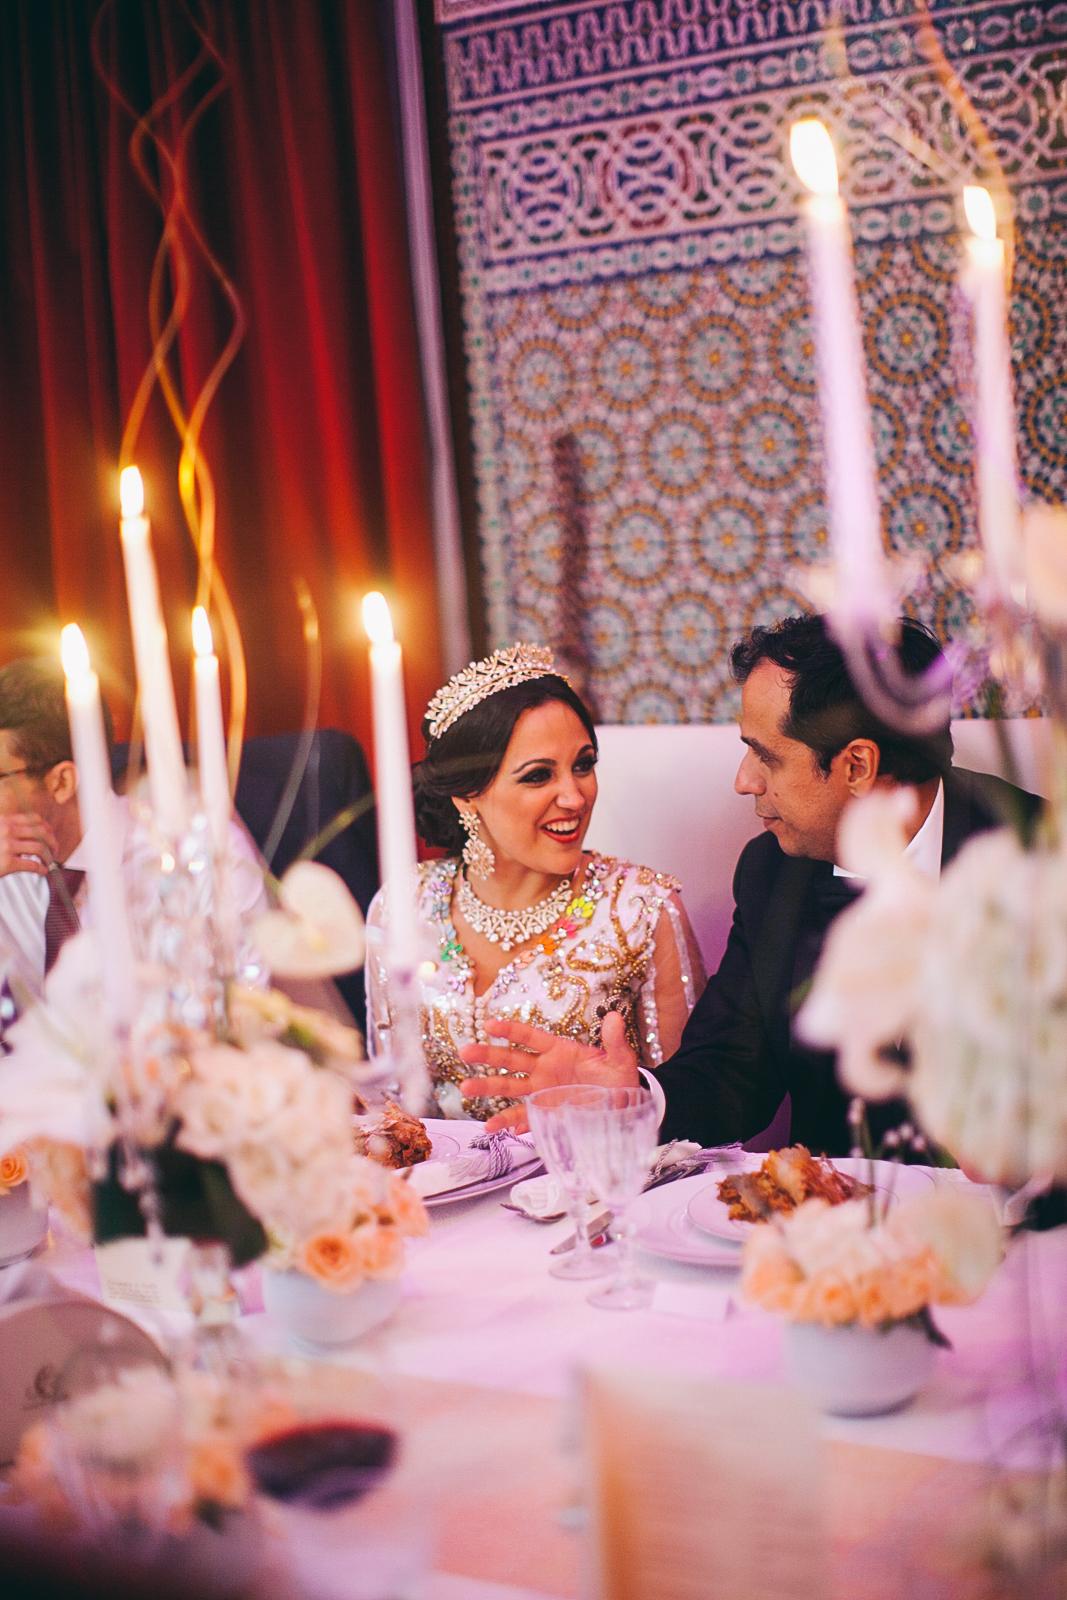 traditional_moroccan_wedding_photographry_casablanca_morocco_houda_vivek_ebony_siovhan_bokeh_photography_138.jpg